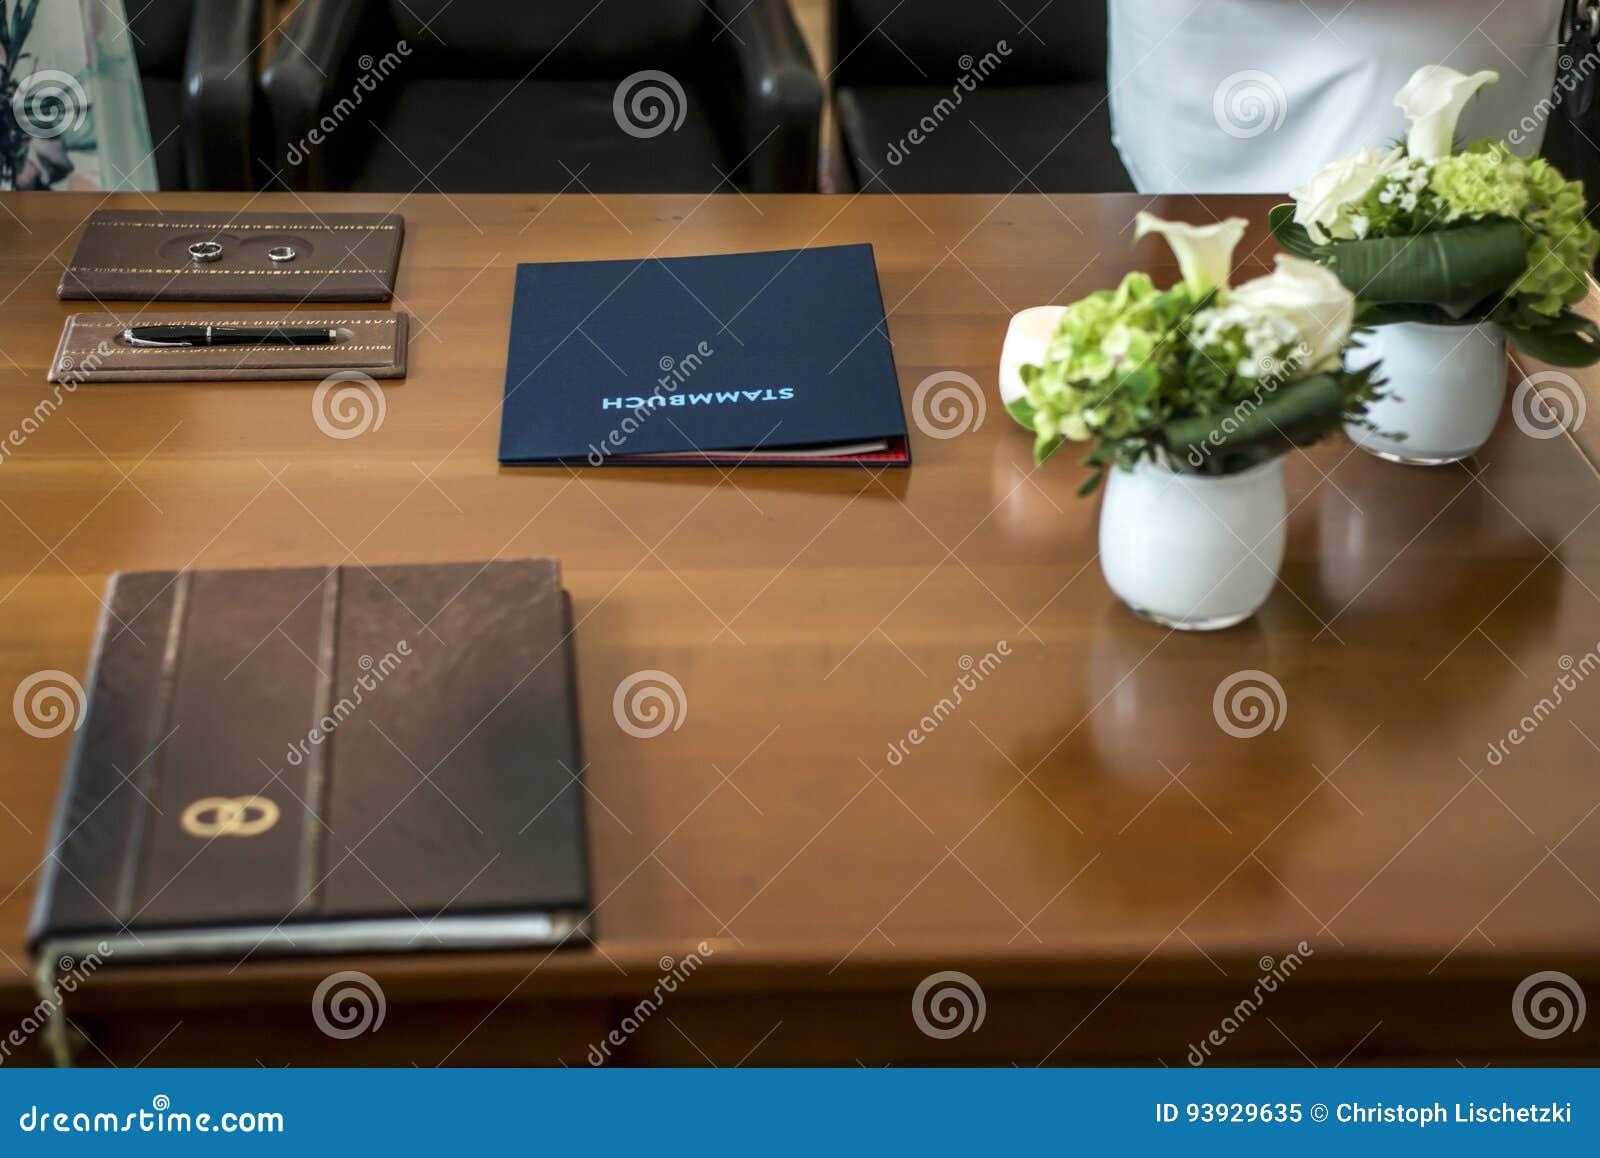 Deutsches Hochzeitshöflichehestandsregister Pen Bride Groom Rings und Blumenstrauß-frische schöne Blumen auf Holztisch